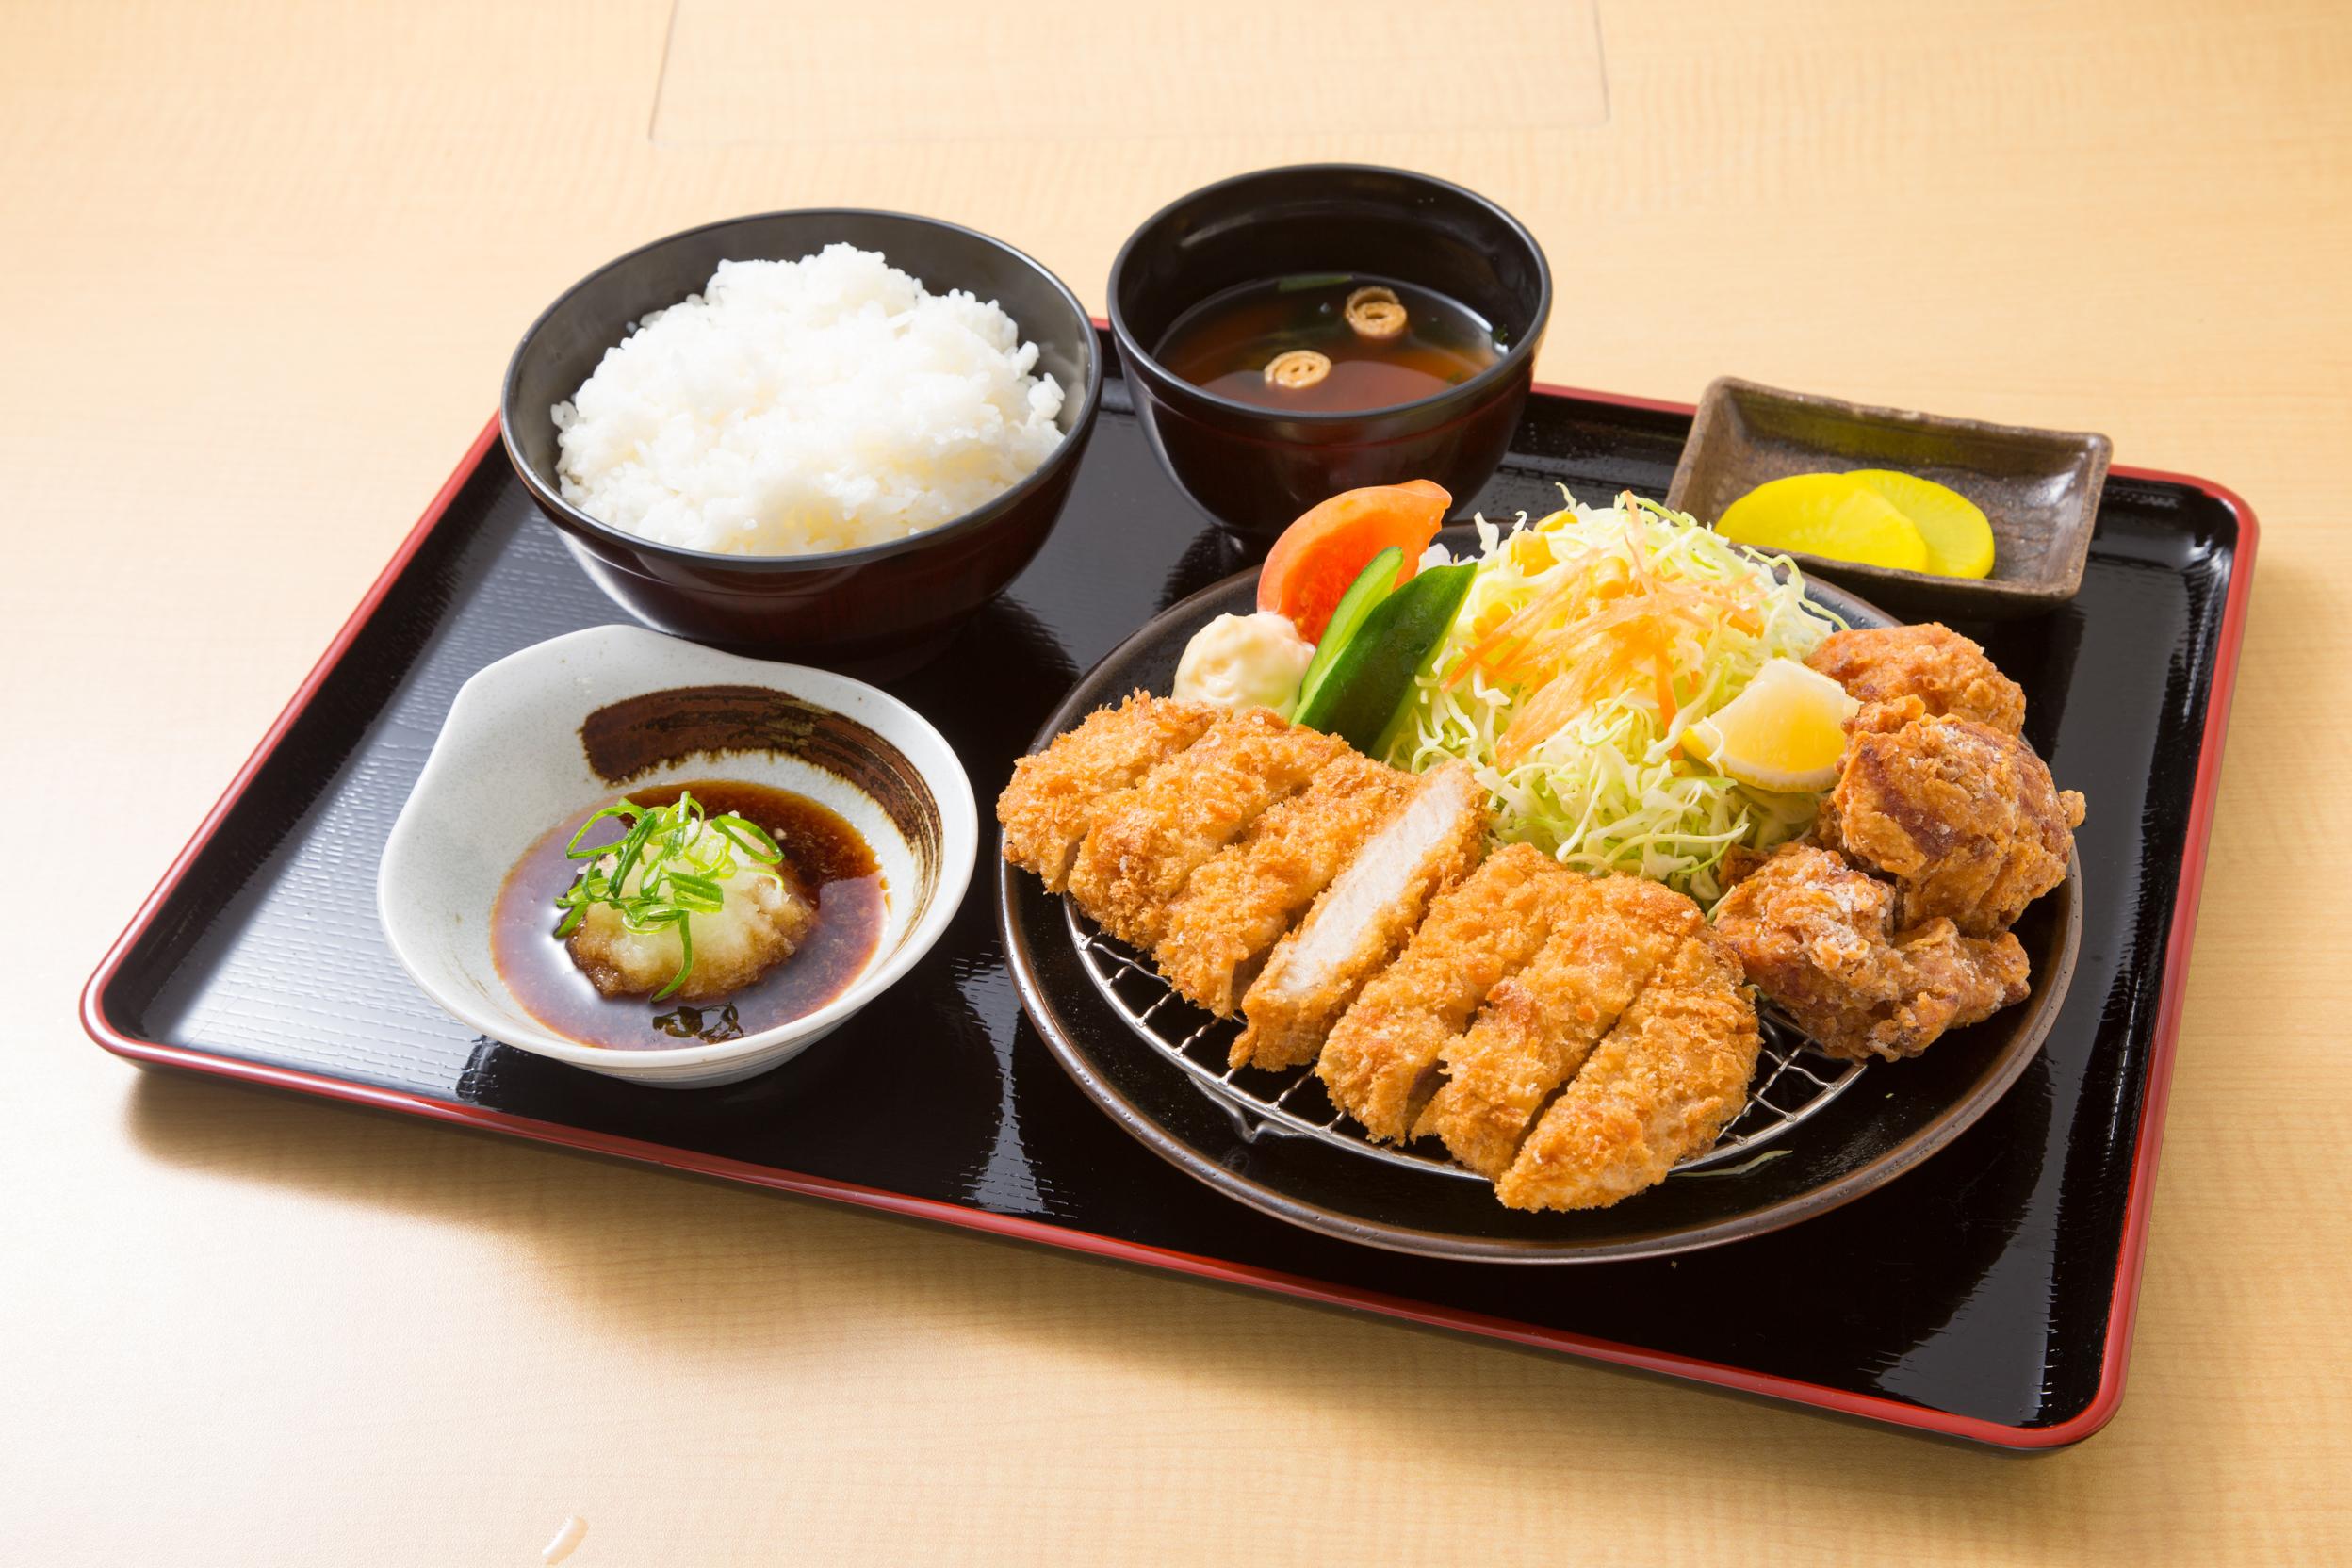 とんかつ&鶏の唐揚げ定食¥820-thumb-2496x1664-188